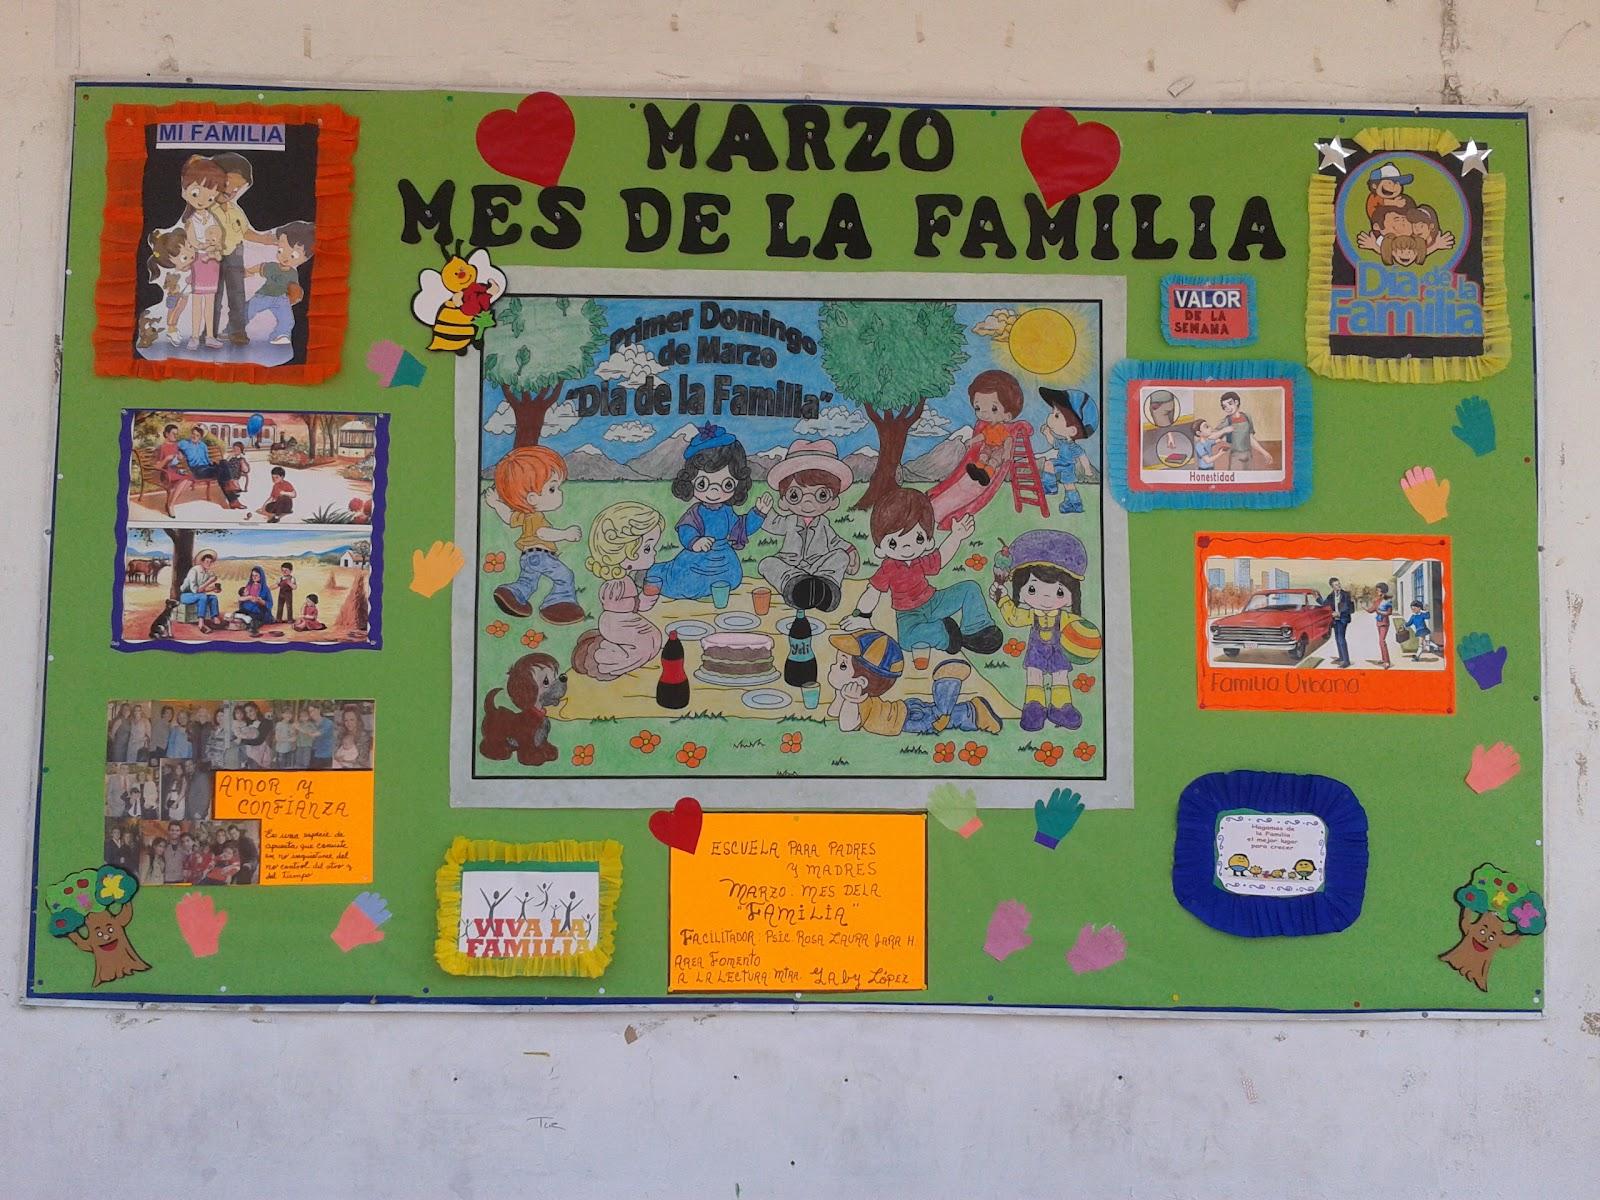 Circulo de lectura impacto 25 marzo mes de la familia d for Mural una familia chicana